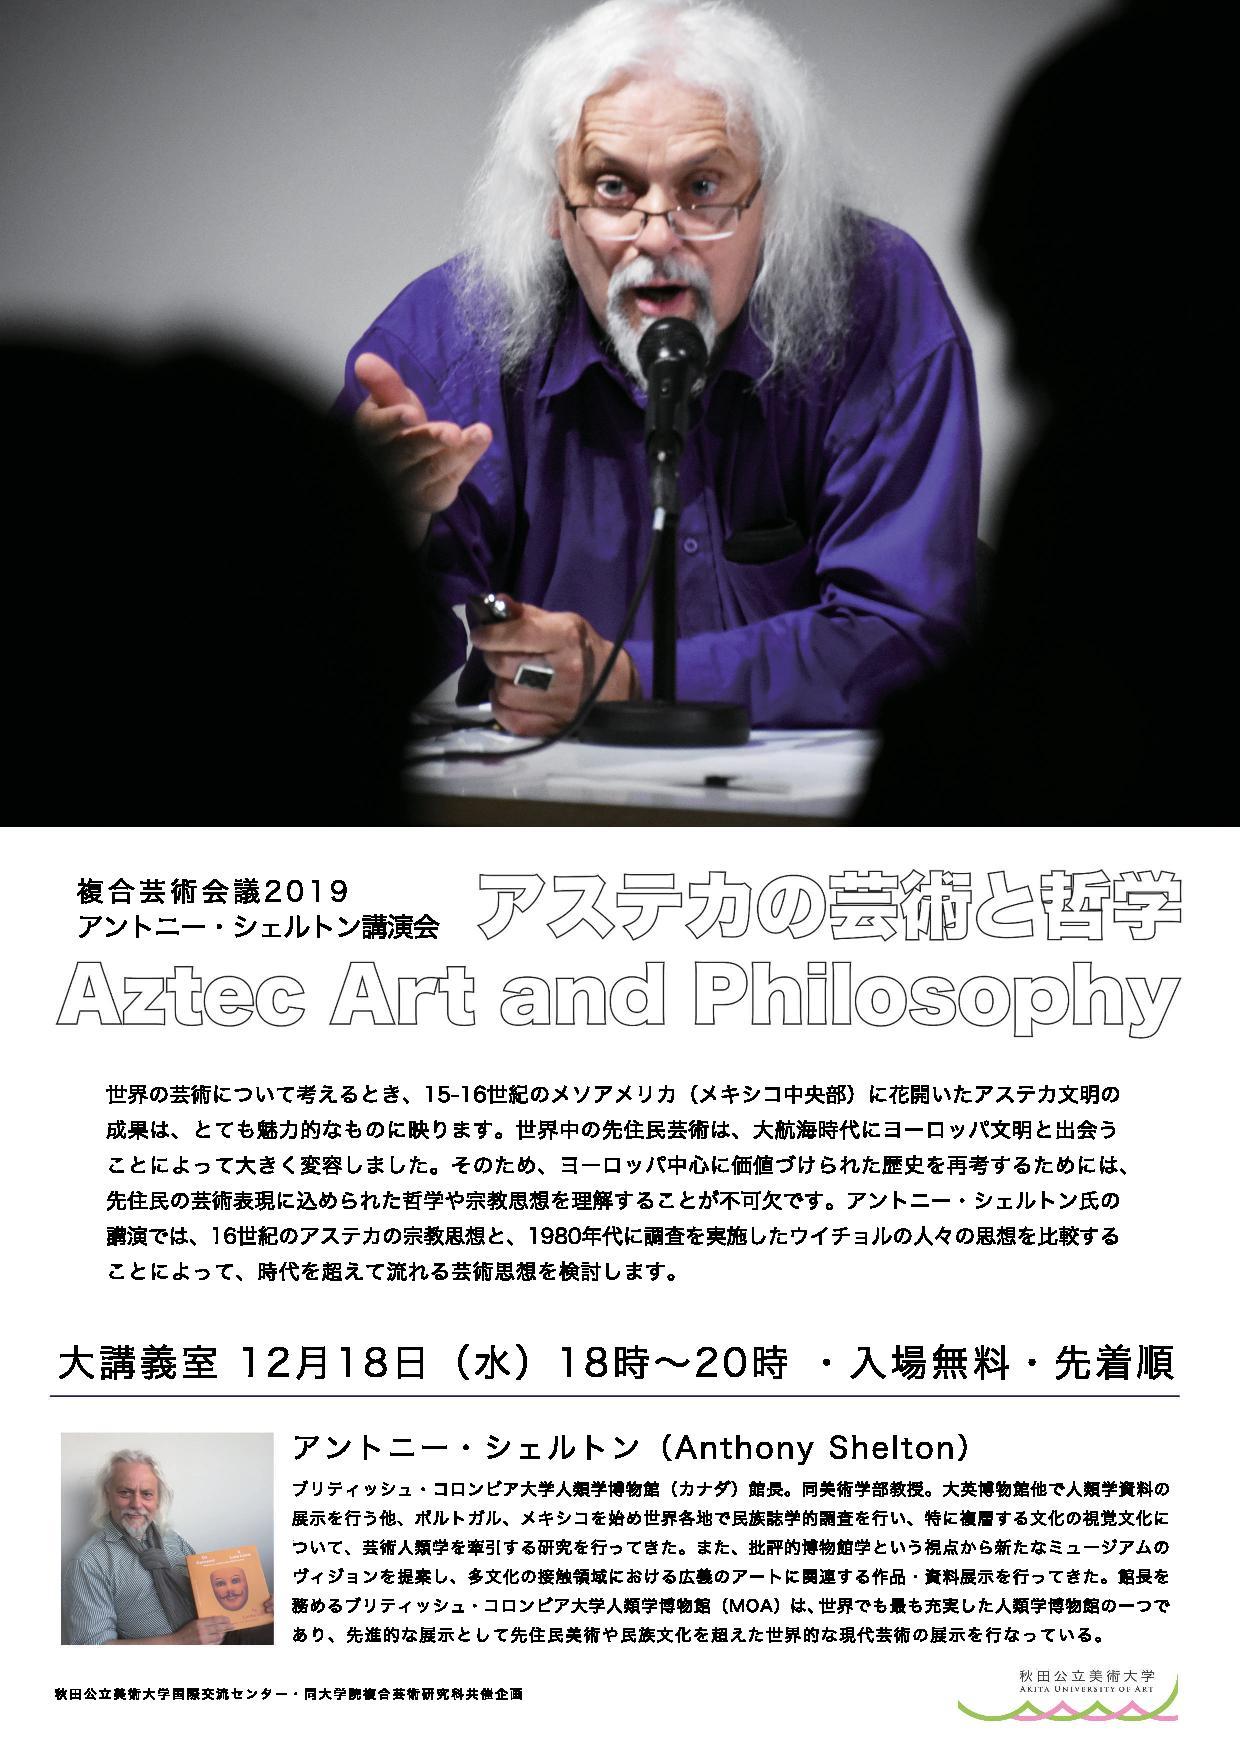 特別講演会「アステカの芸術と哲学」